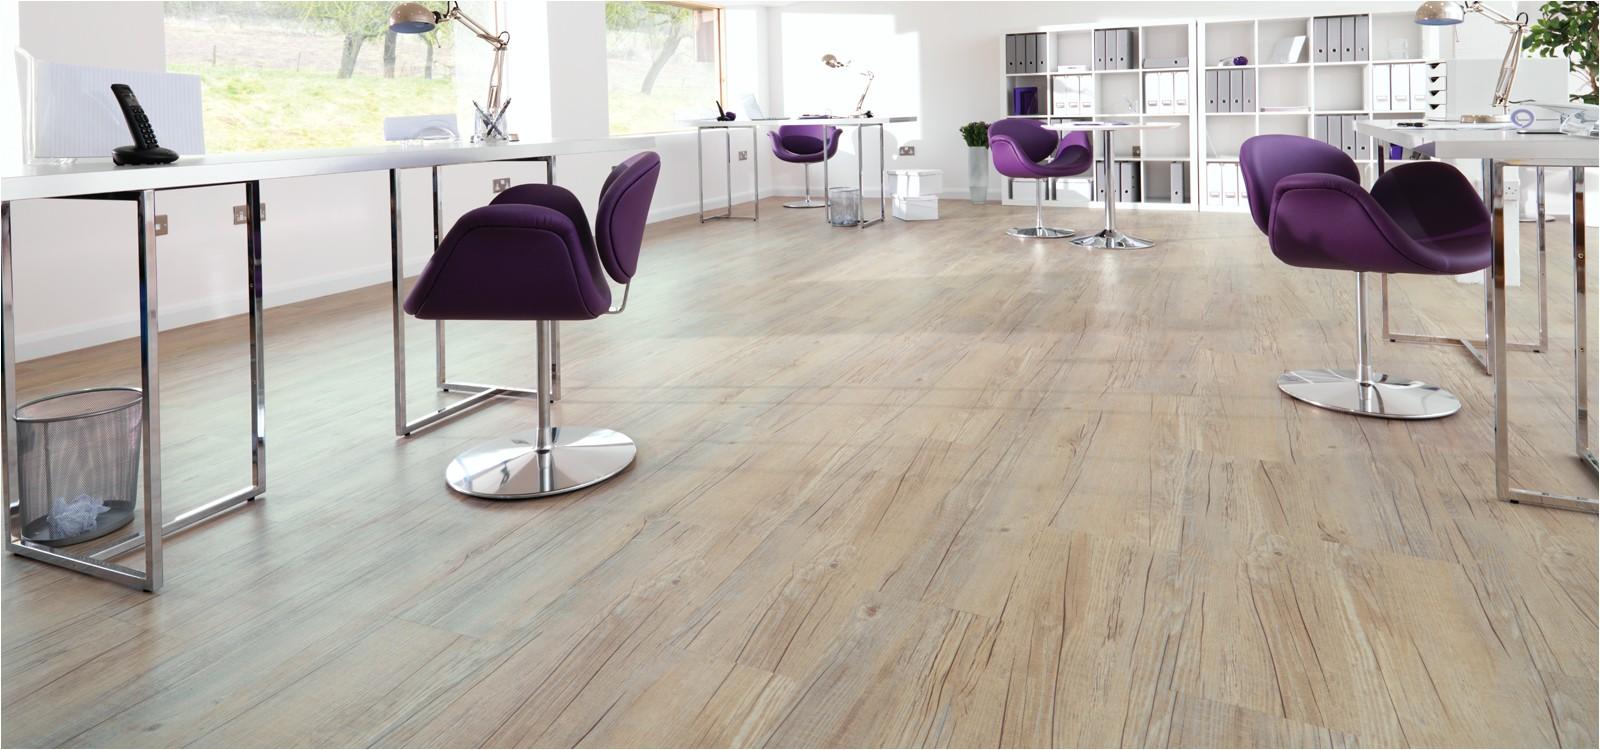 Karndean Loose Lay Price Karndean Looselay Easy Fit Lvt Flooring Range